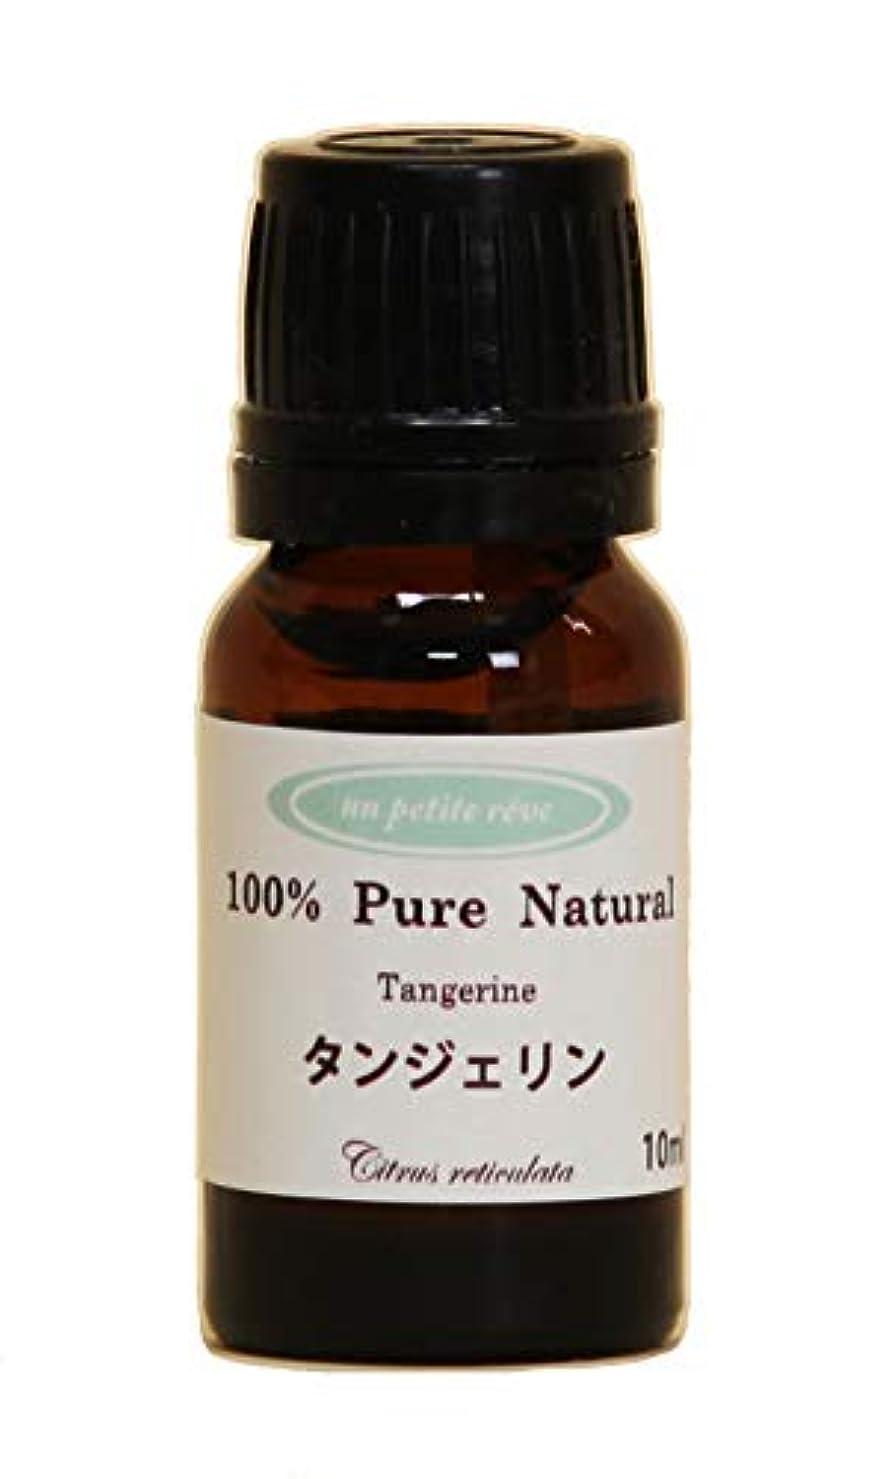 陰気かわすフォルダタンジェリン  10ml 100%天然アロマエッセンシャルオイル(精油)